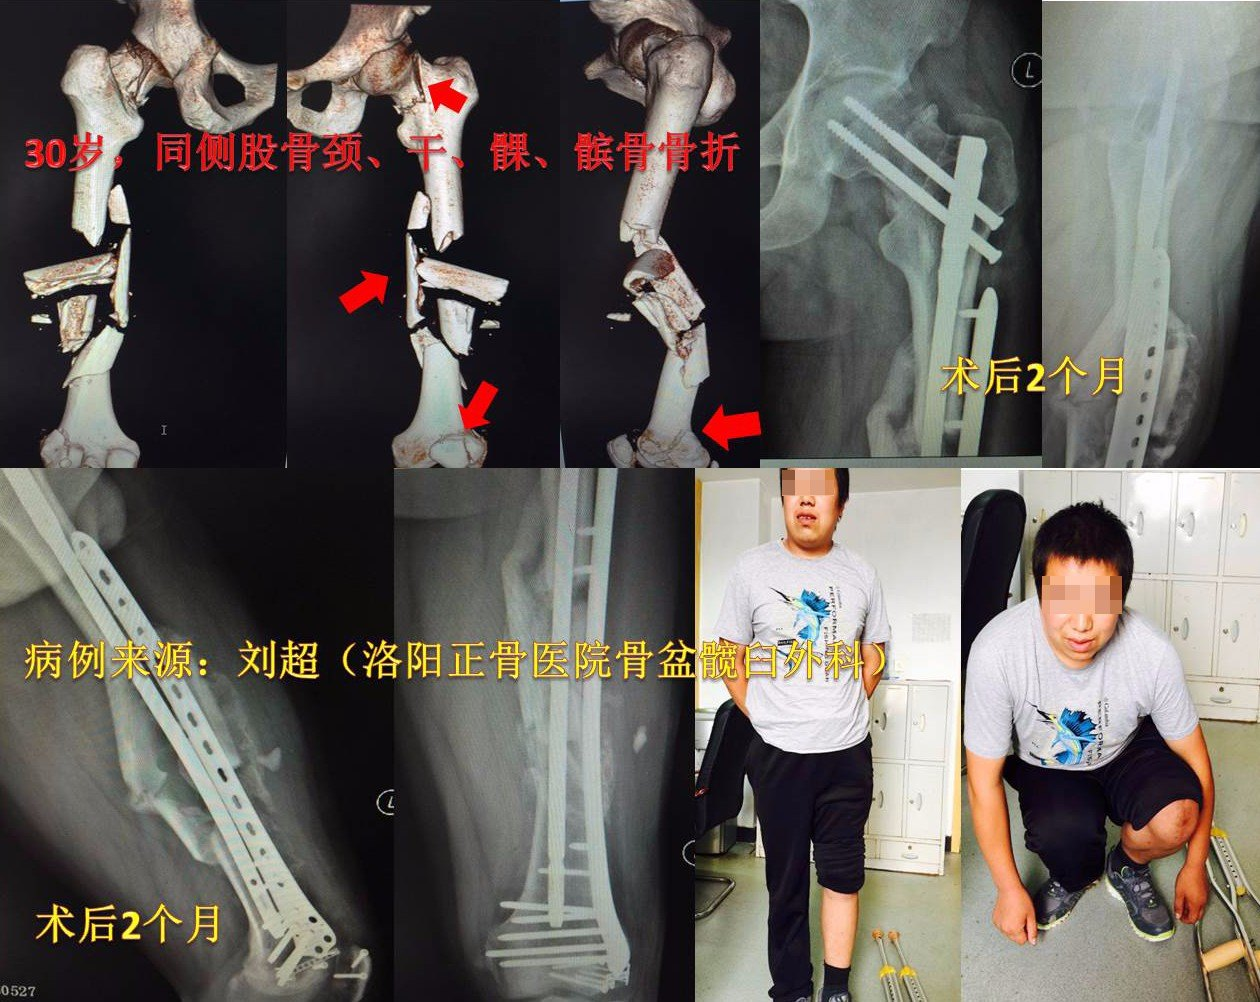 图15 男性,30岁,同侧股骨颈、干.jpg